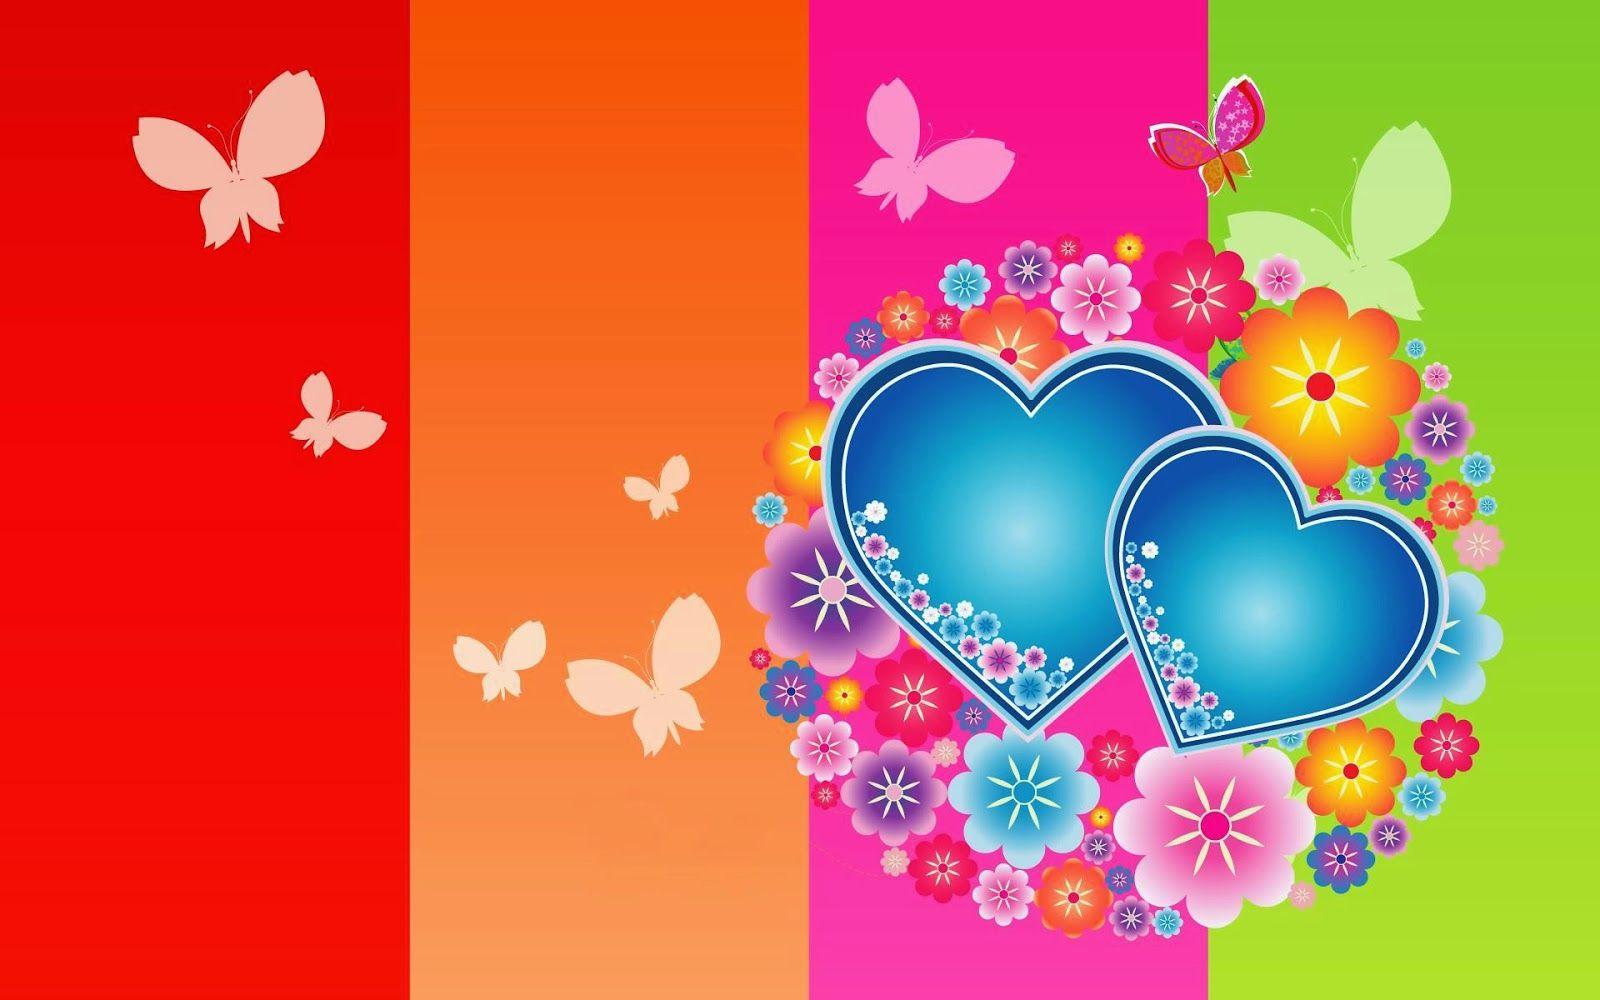 fondos de pantalla animados de mariposas para celulares - Buscar ...